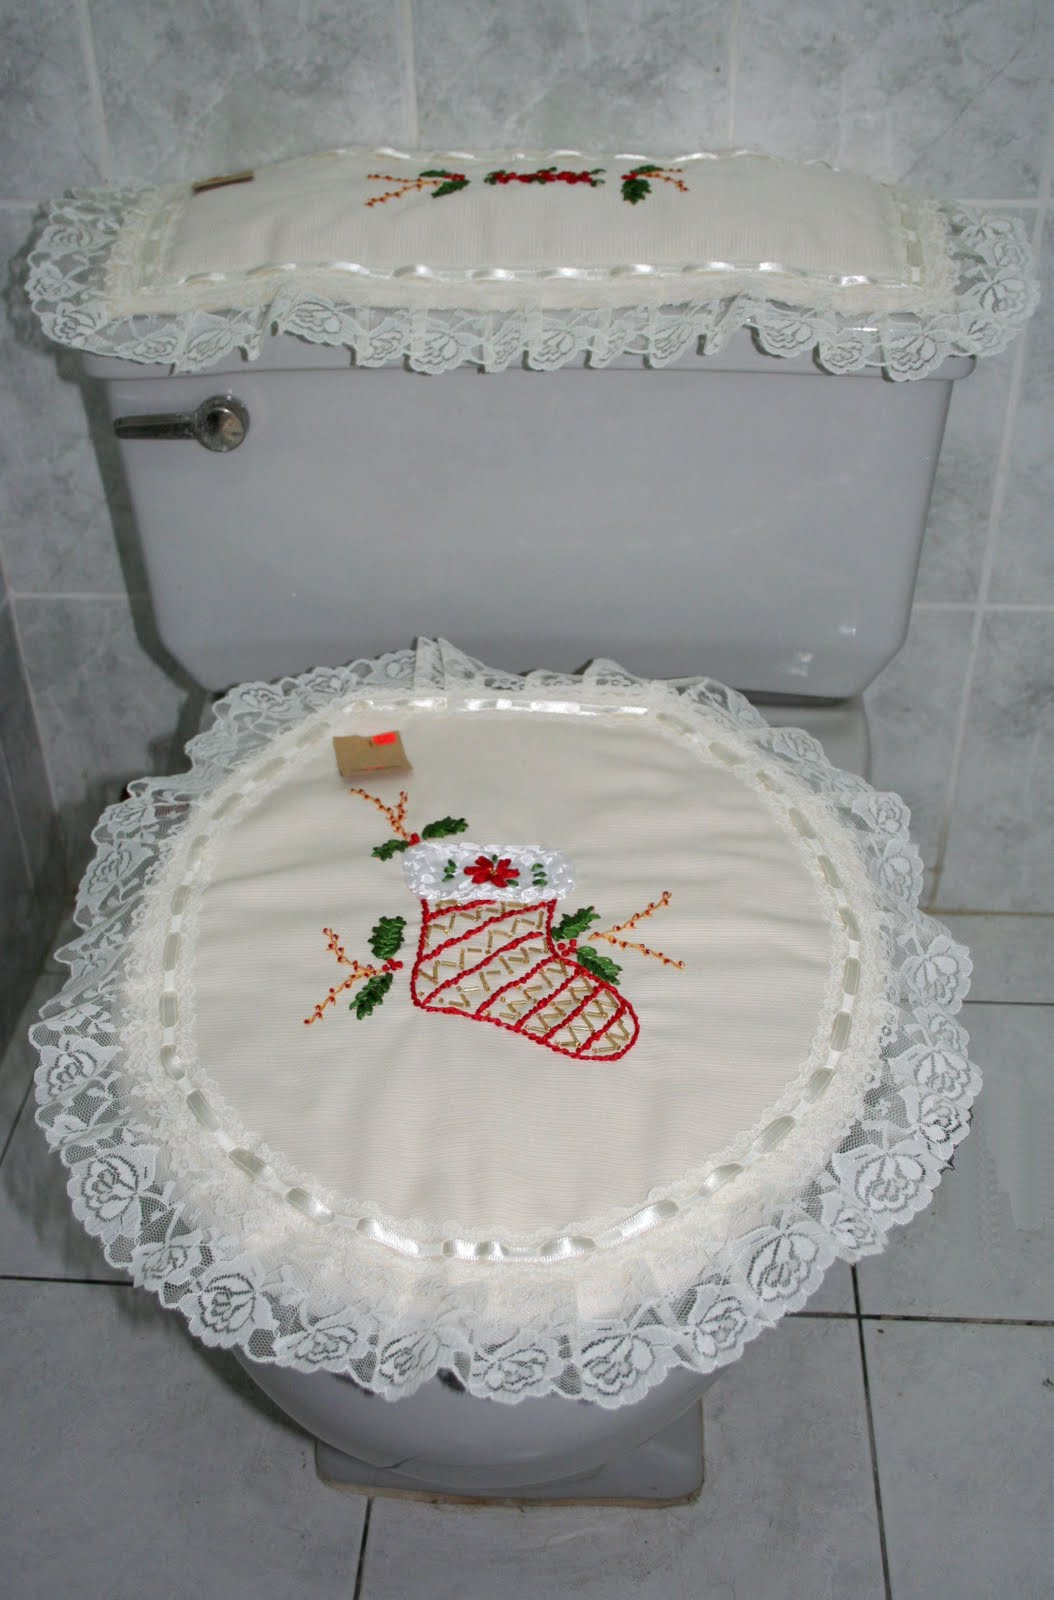 Juegos De Baño Bordados En Cinta:Lindo juego de baño con motivo navideño, bordado con cintas y con